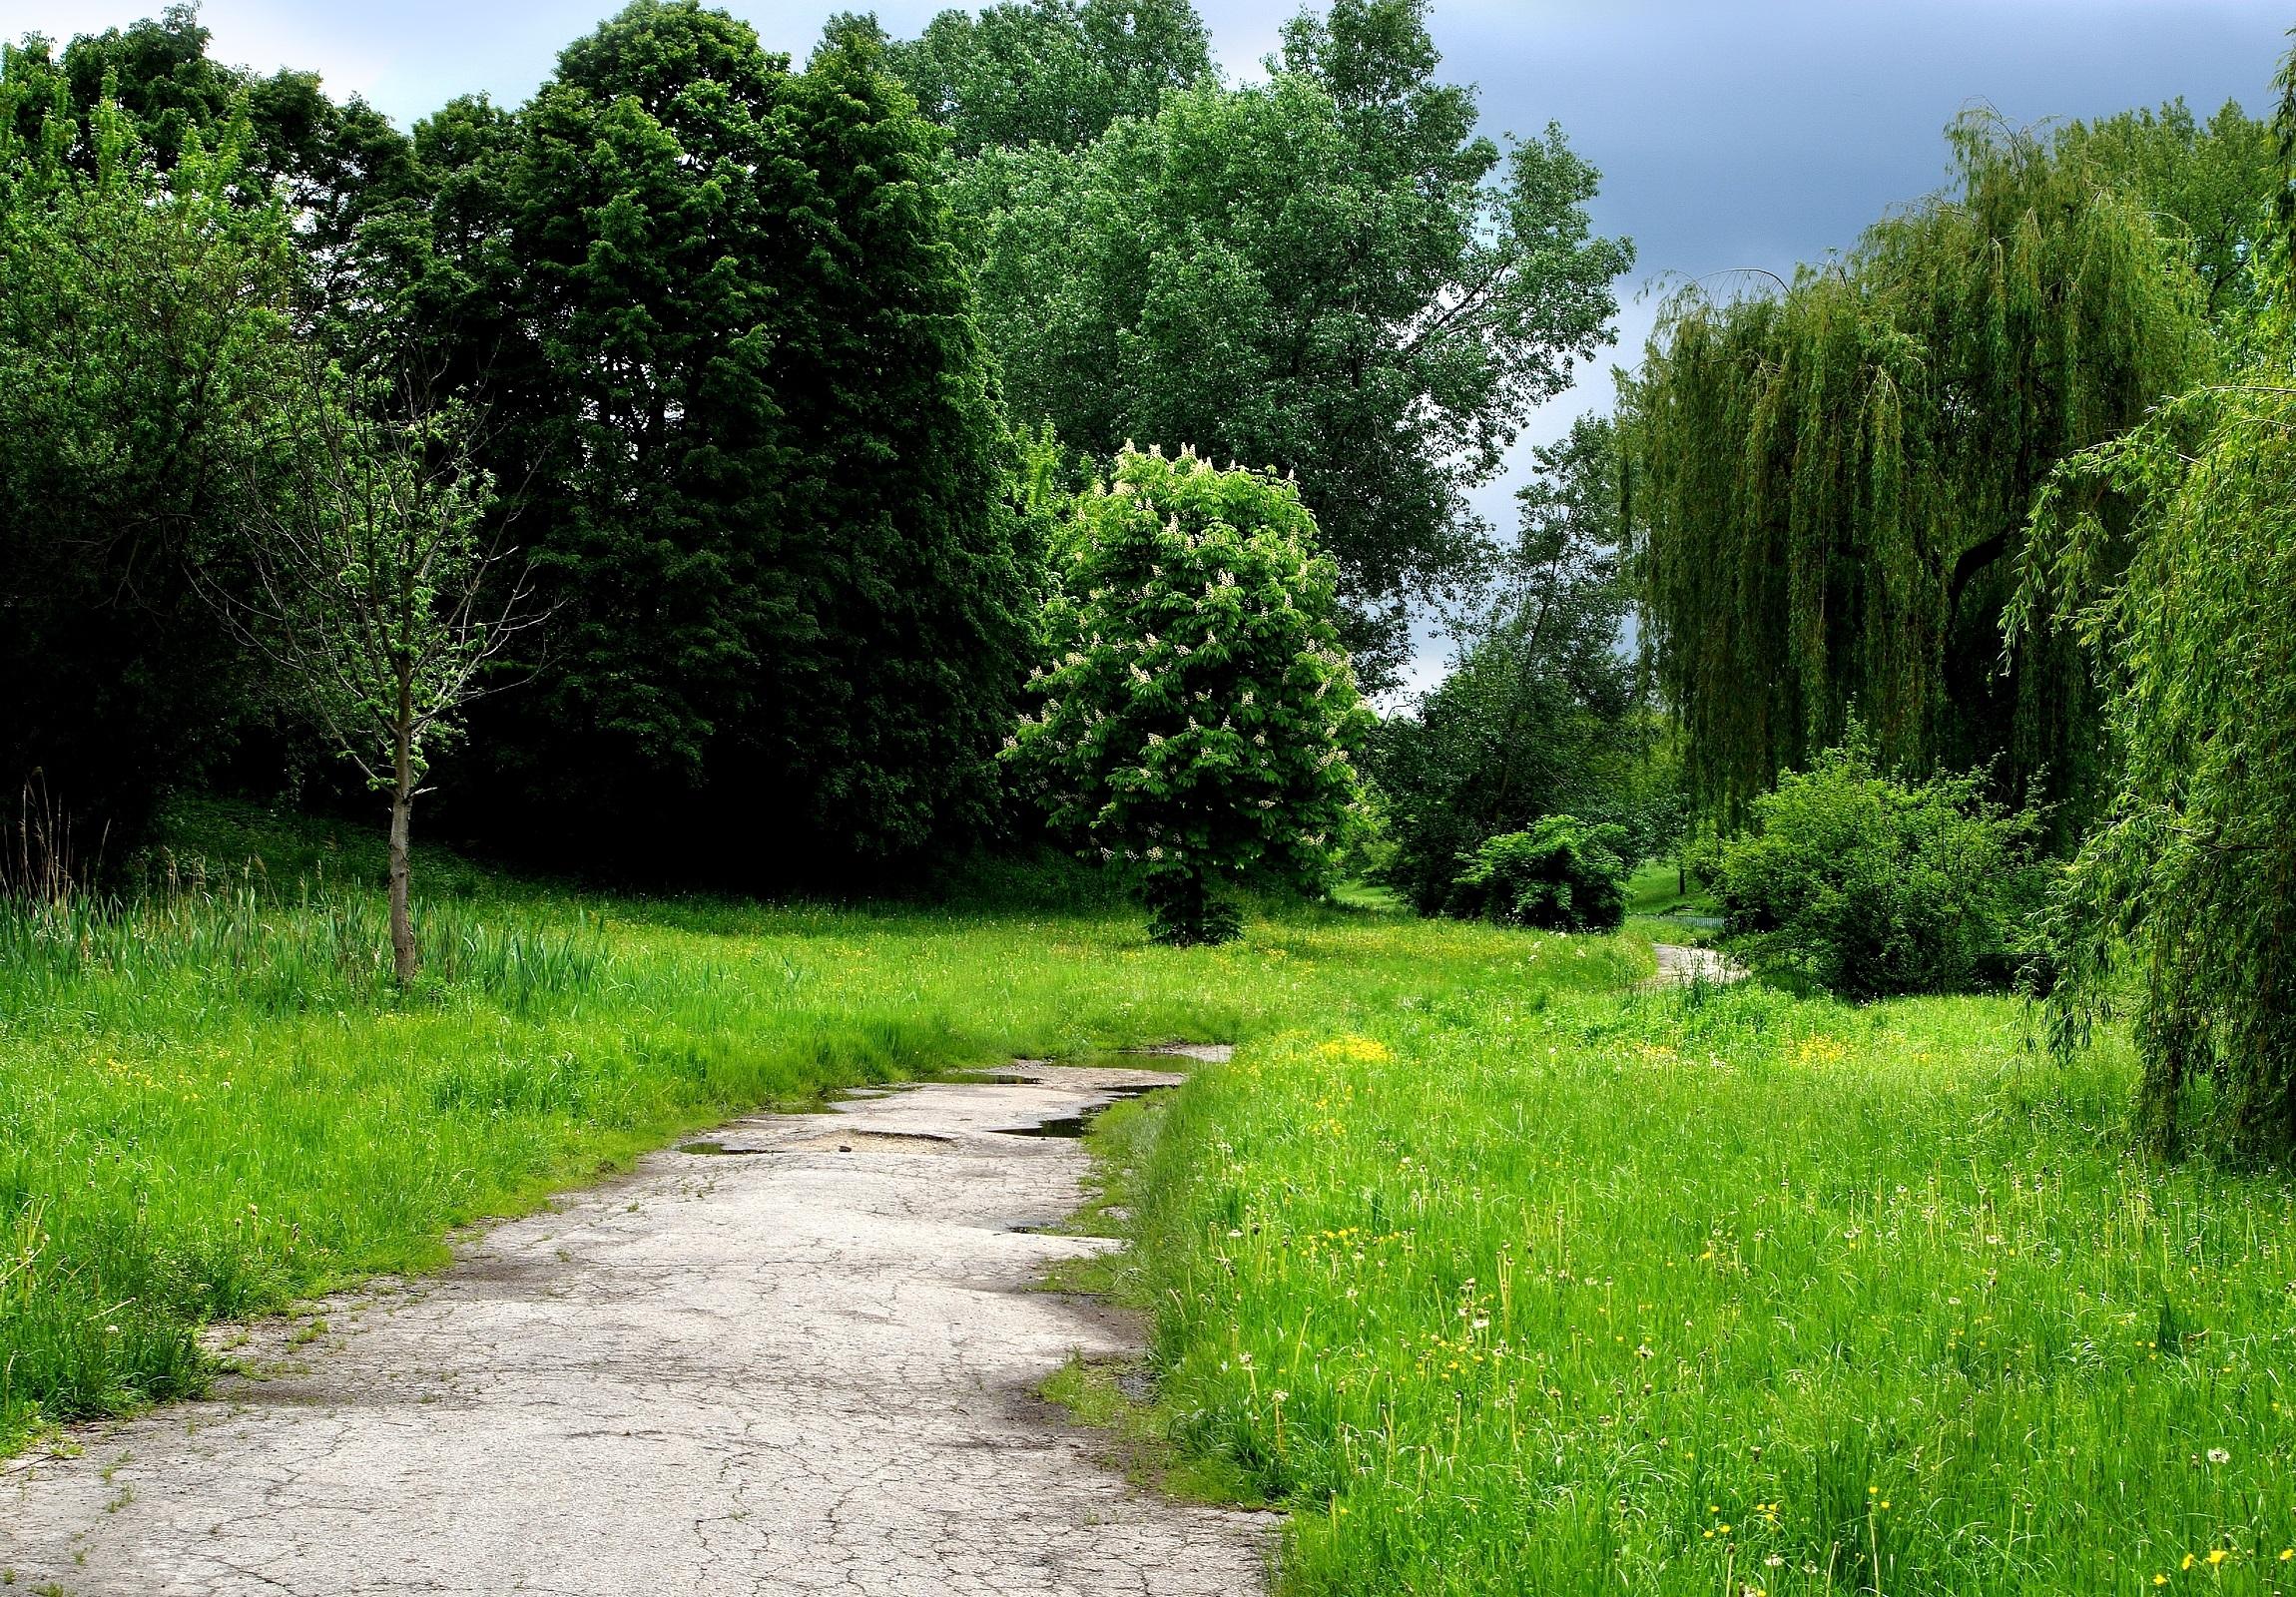 130899 Заставки и Обои Деревья на телефон. Скачать Деревья, Природа, Трава, Лес, Тропа картинки бесплатно